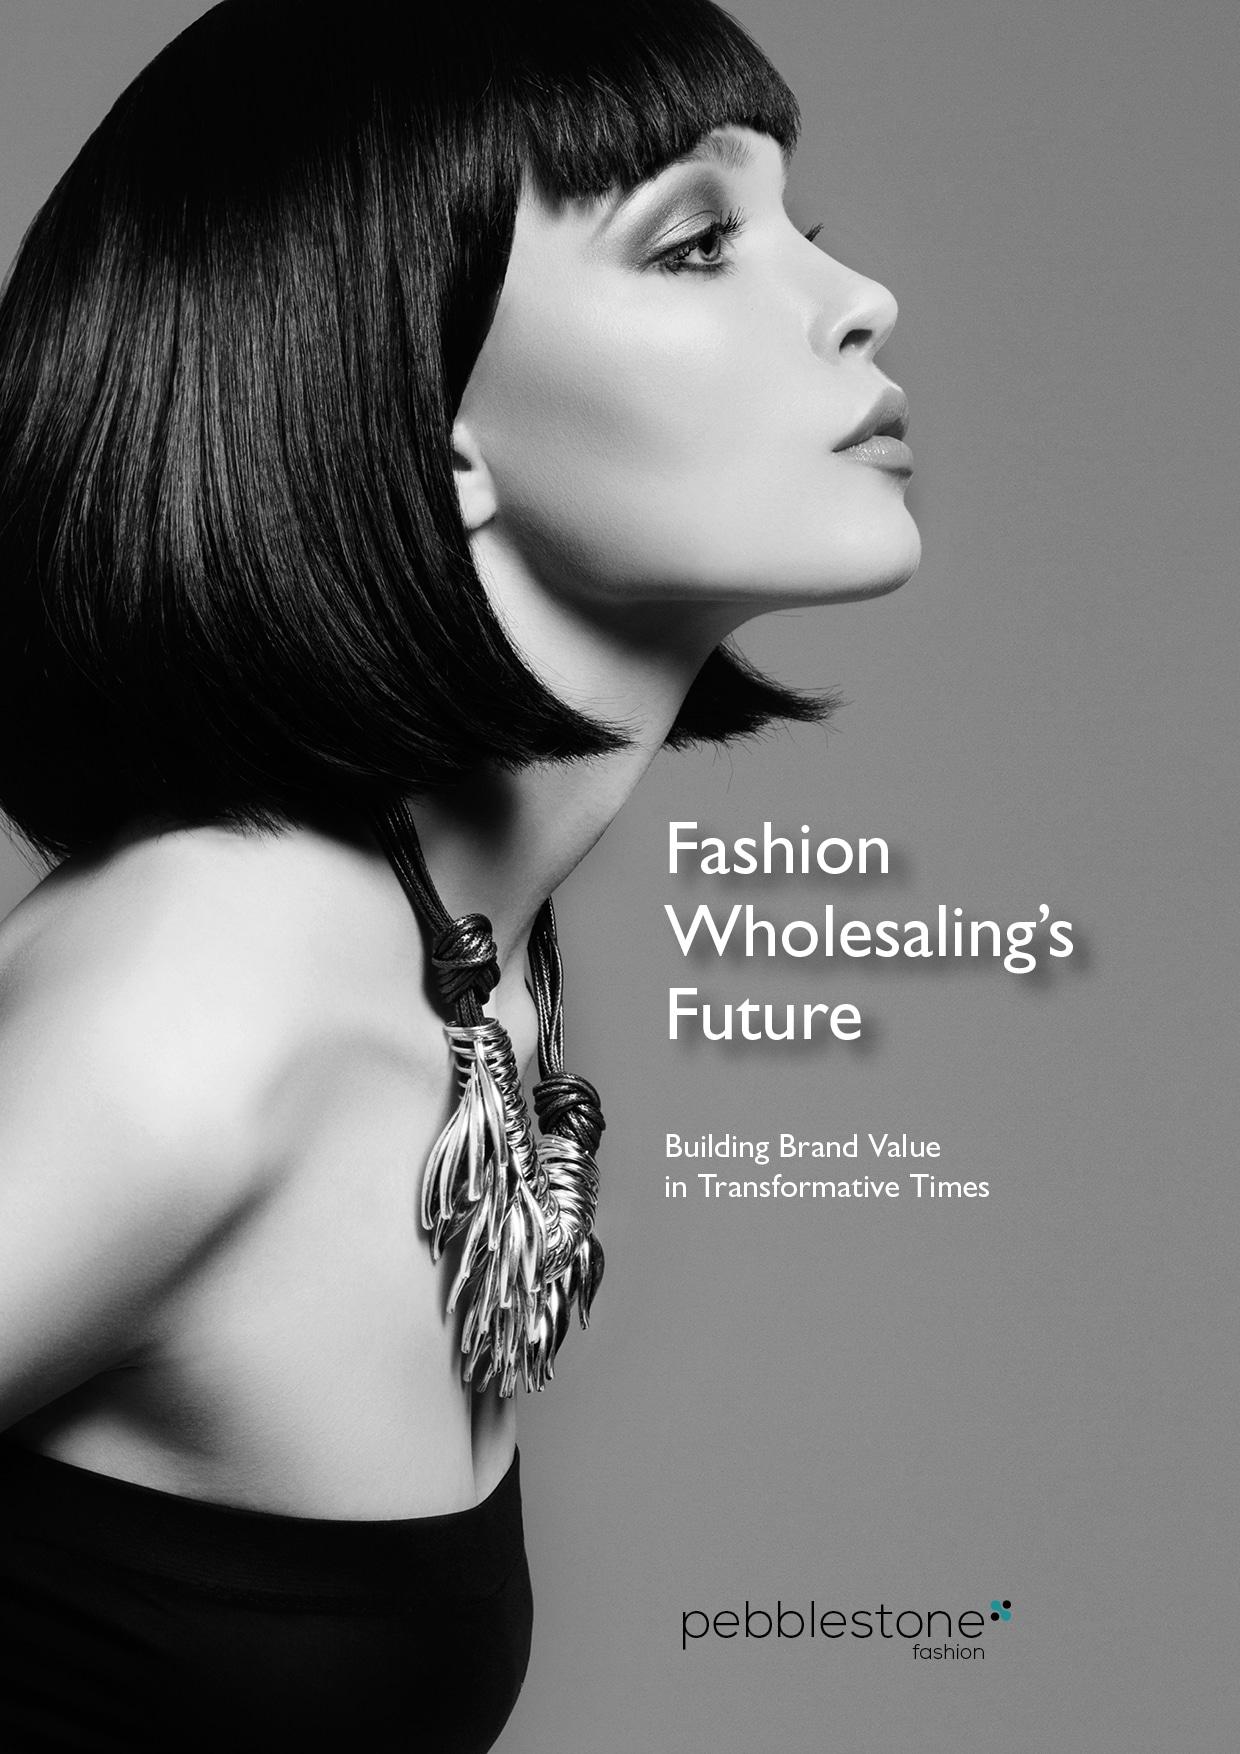 Framtiden för modegrossisthandel